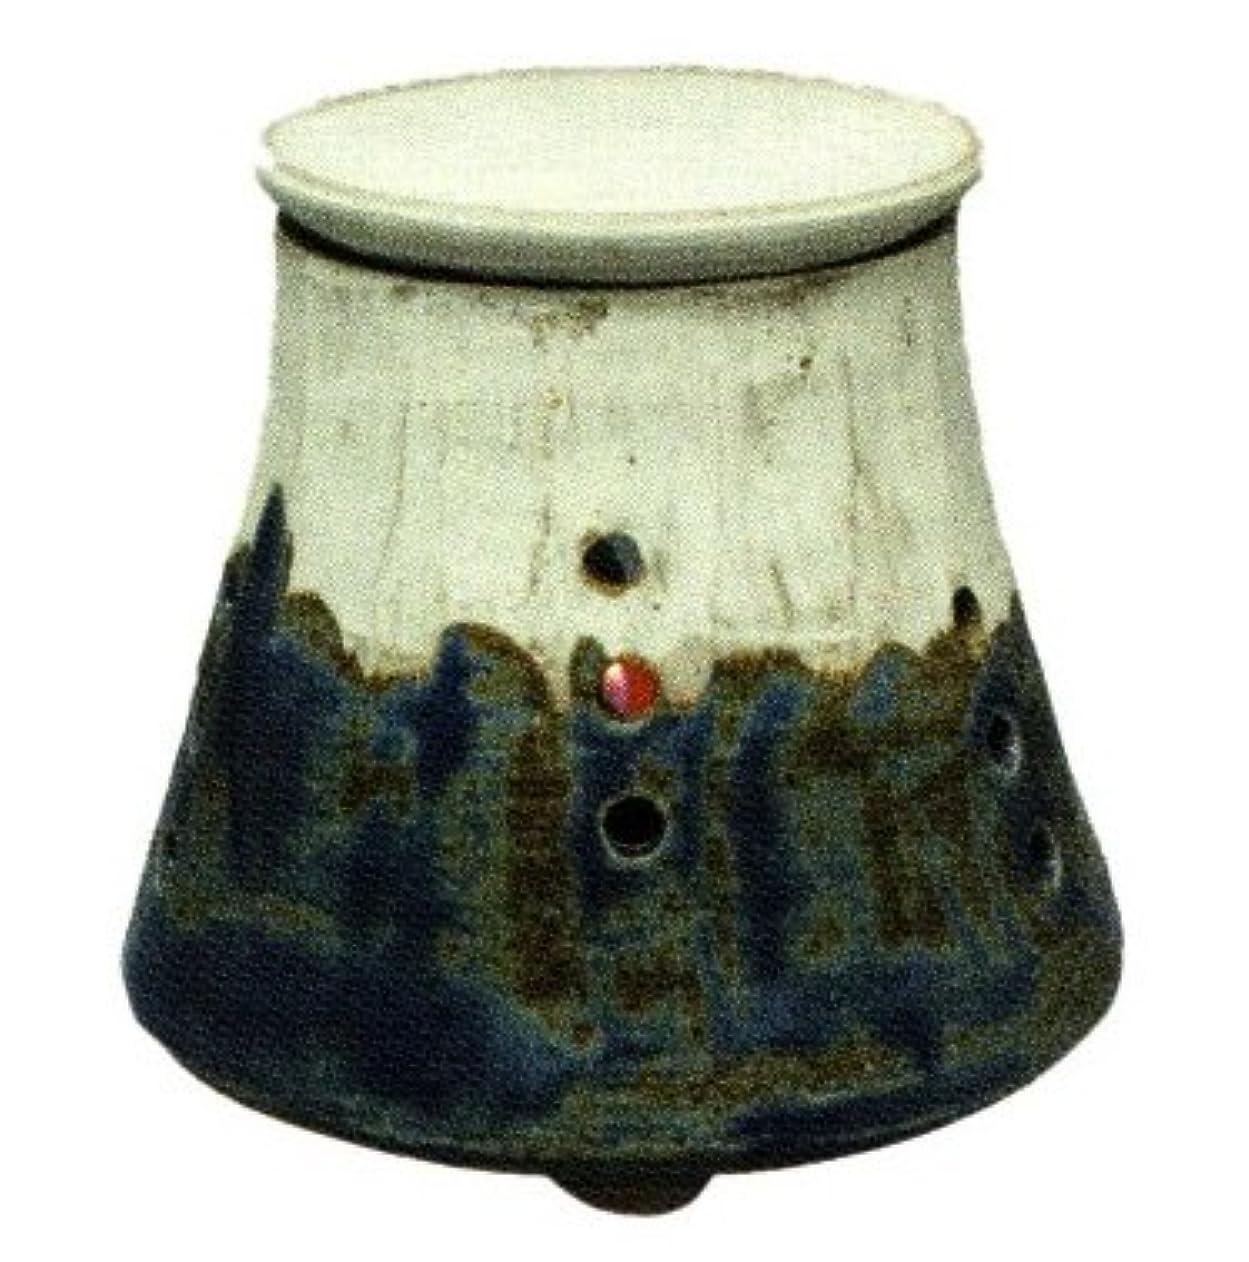 電圧靴下通行料金常滑焼?焜清 カ39-01 茶香炉 青富士 径10.5×9.5cm